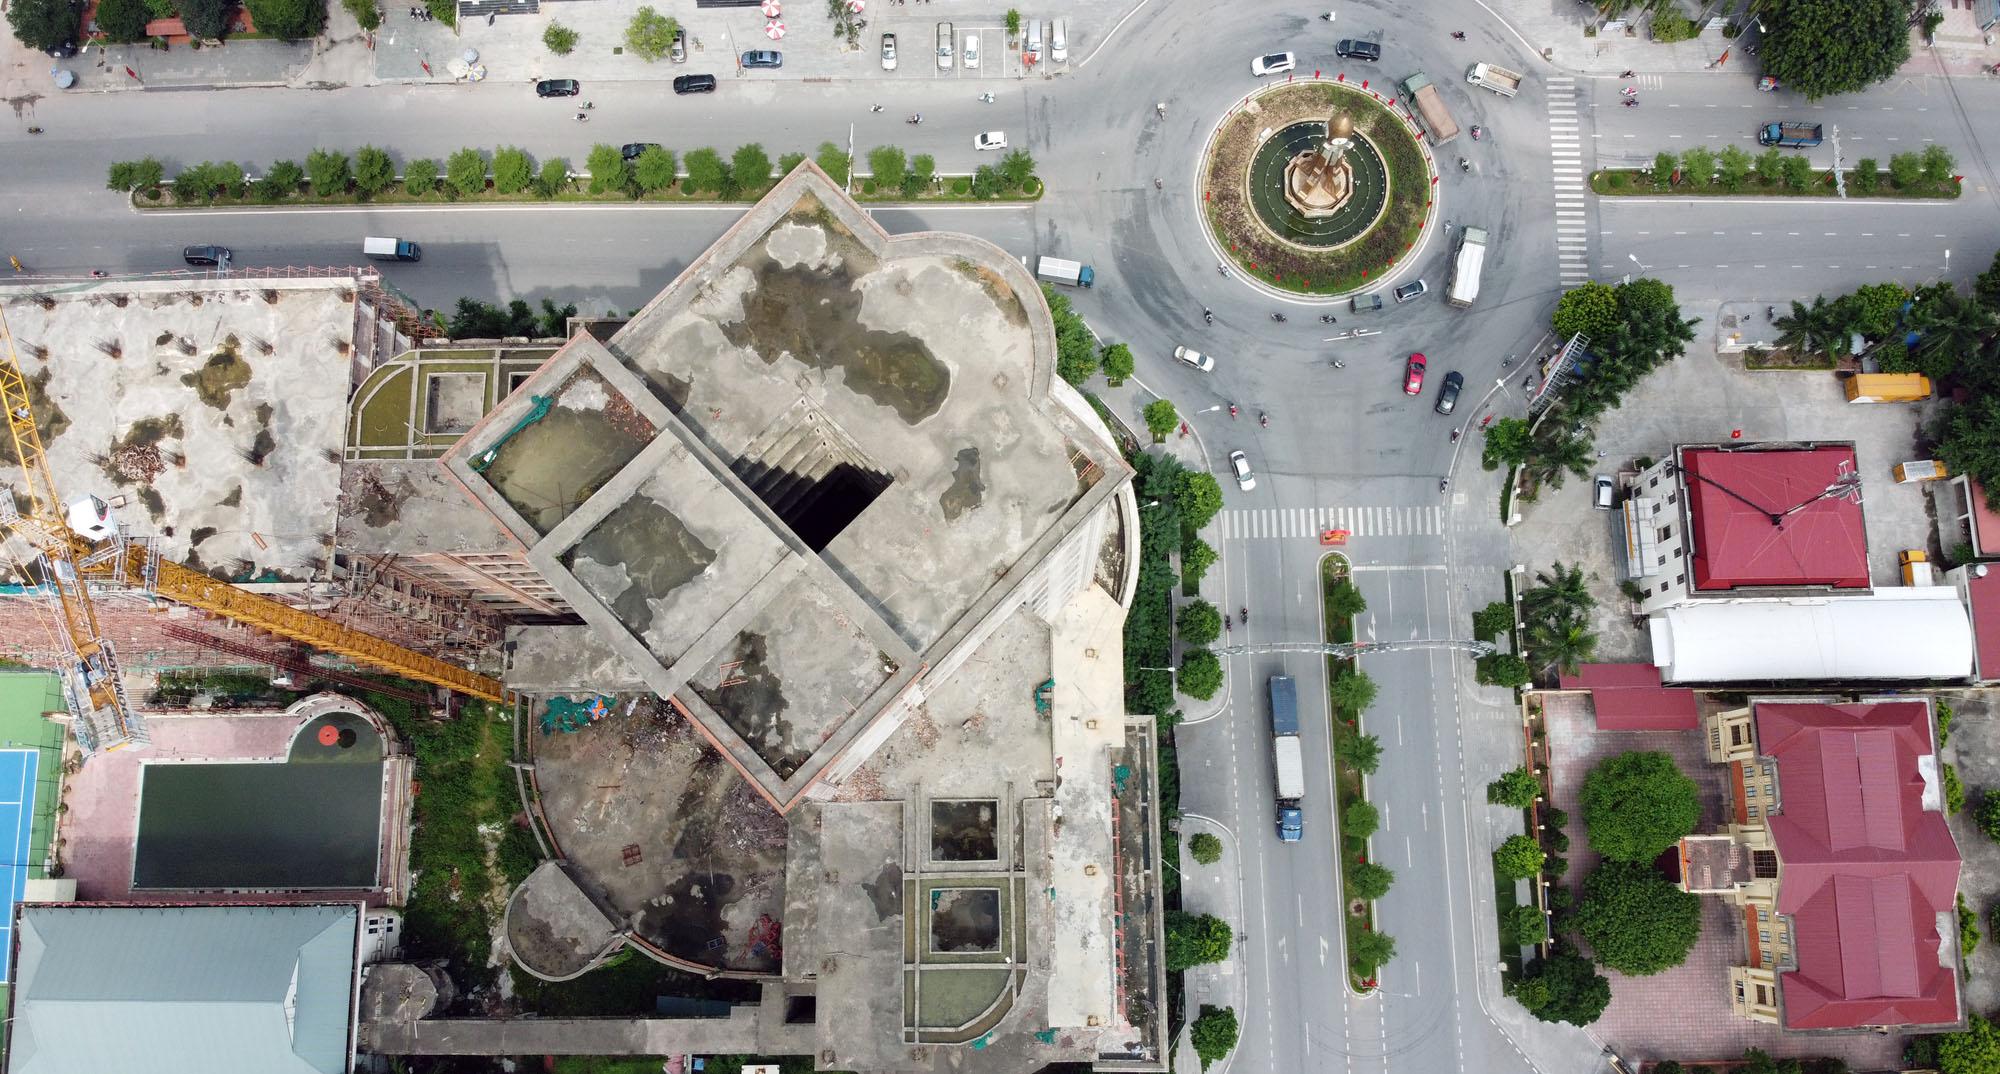 Dự án TTTM Hongkong London trên 'đất vàng' Từ Sơn, Bắc Ninh bỏ hoang nhiều năm - Ảnh 5.